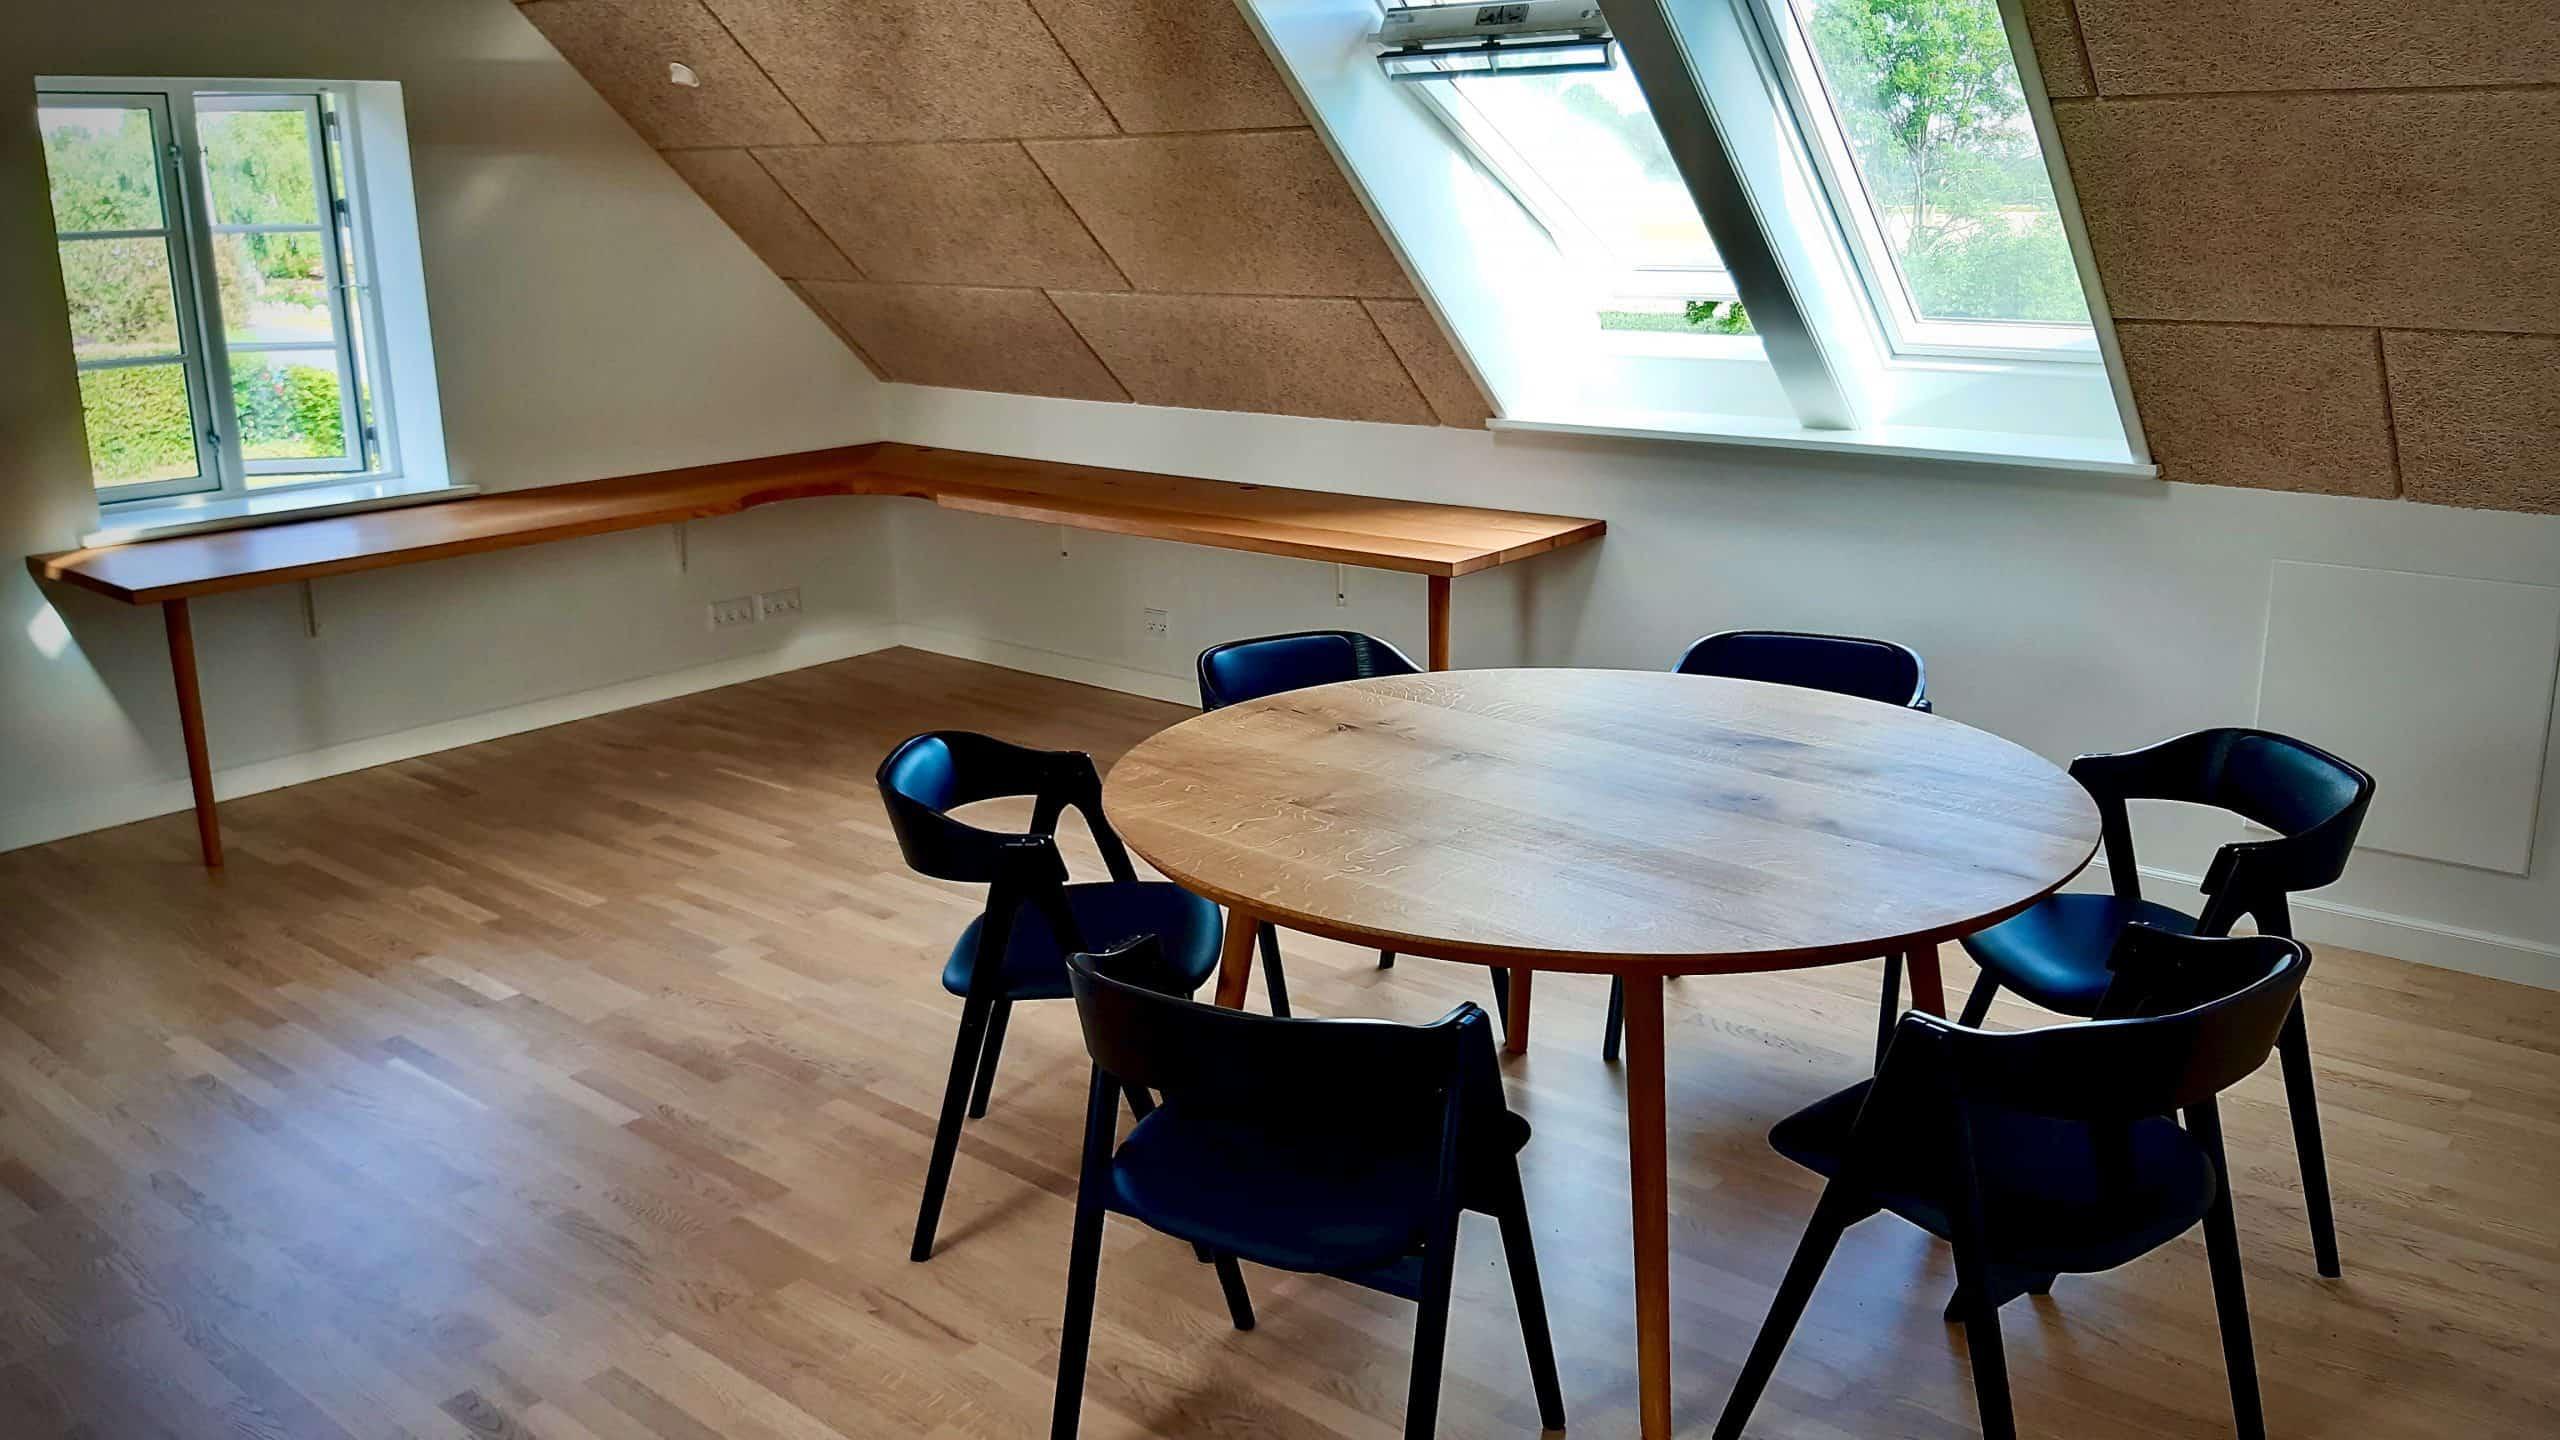 rundtbord rundbord ovalt bord bord i trae traebord traemobler kaerbygaard kaerbygård august 2020 1 scaled